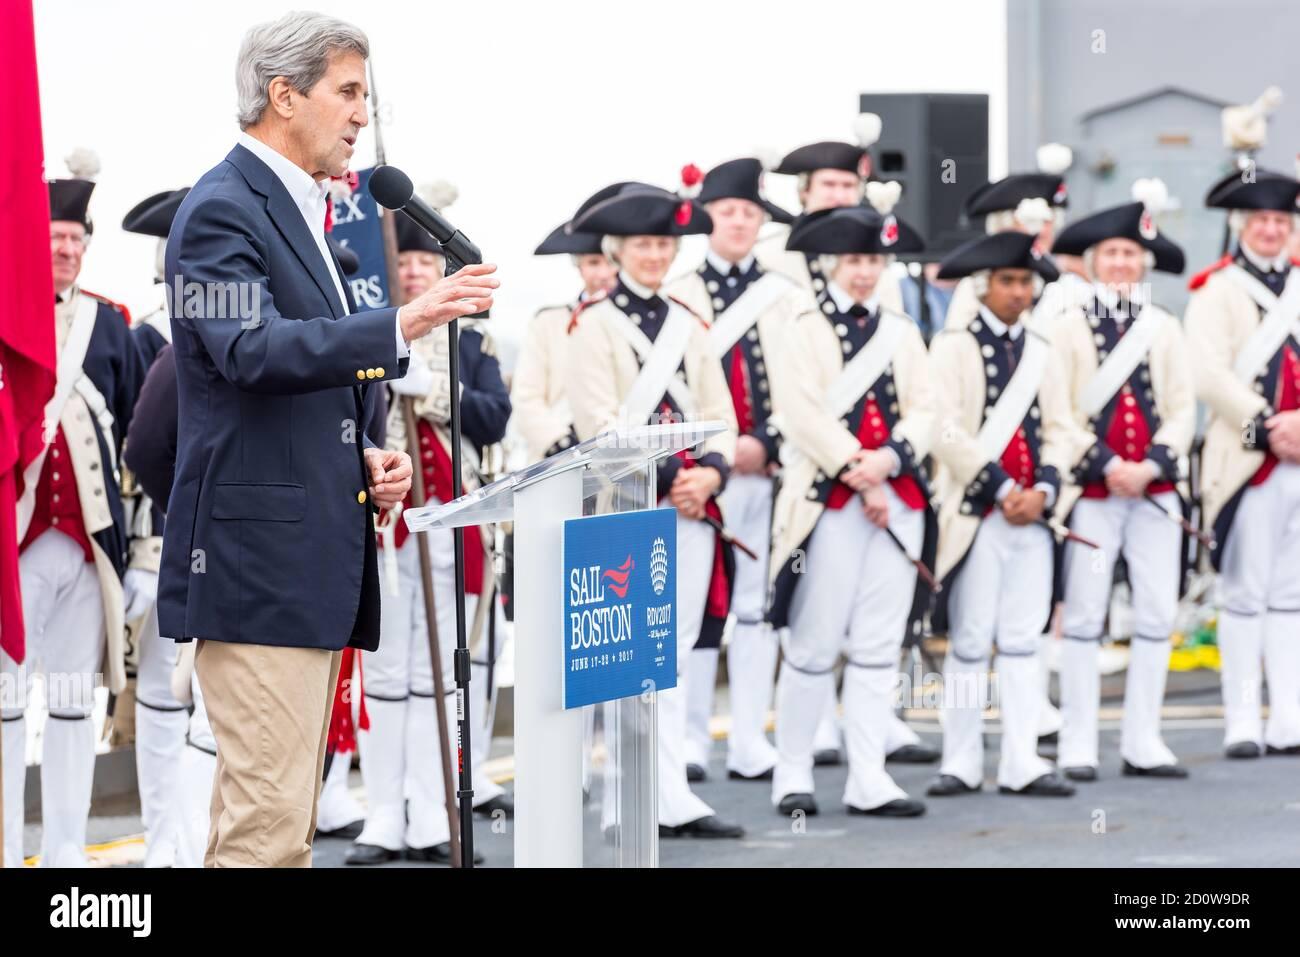 Boston, Massachusetts. Juni 2017. Der ehemalige Außenminister John Kerry spricht in Sail Boston. Fotografiert von der USS Whidbey Island. Stockfoto